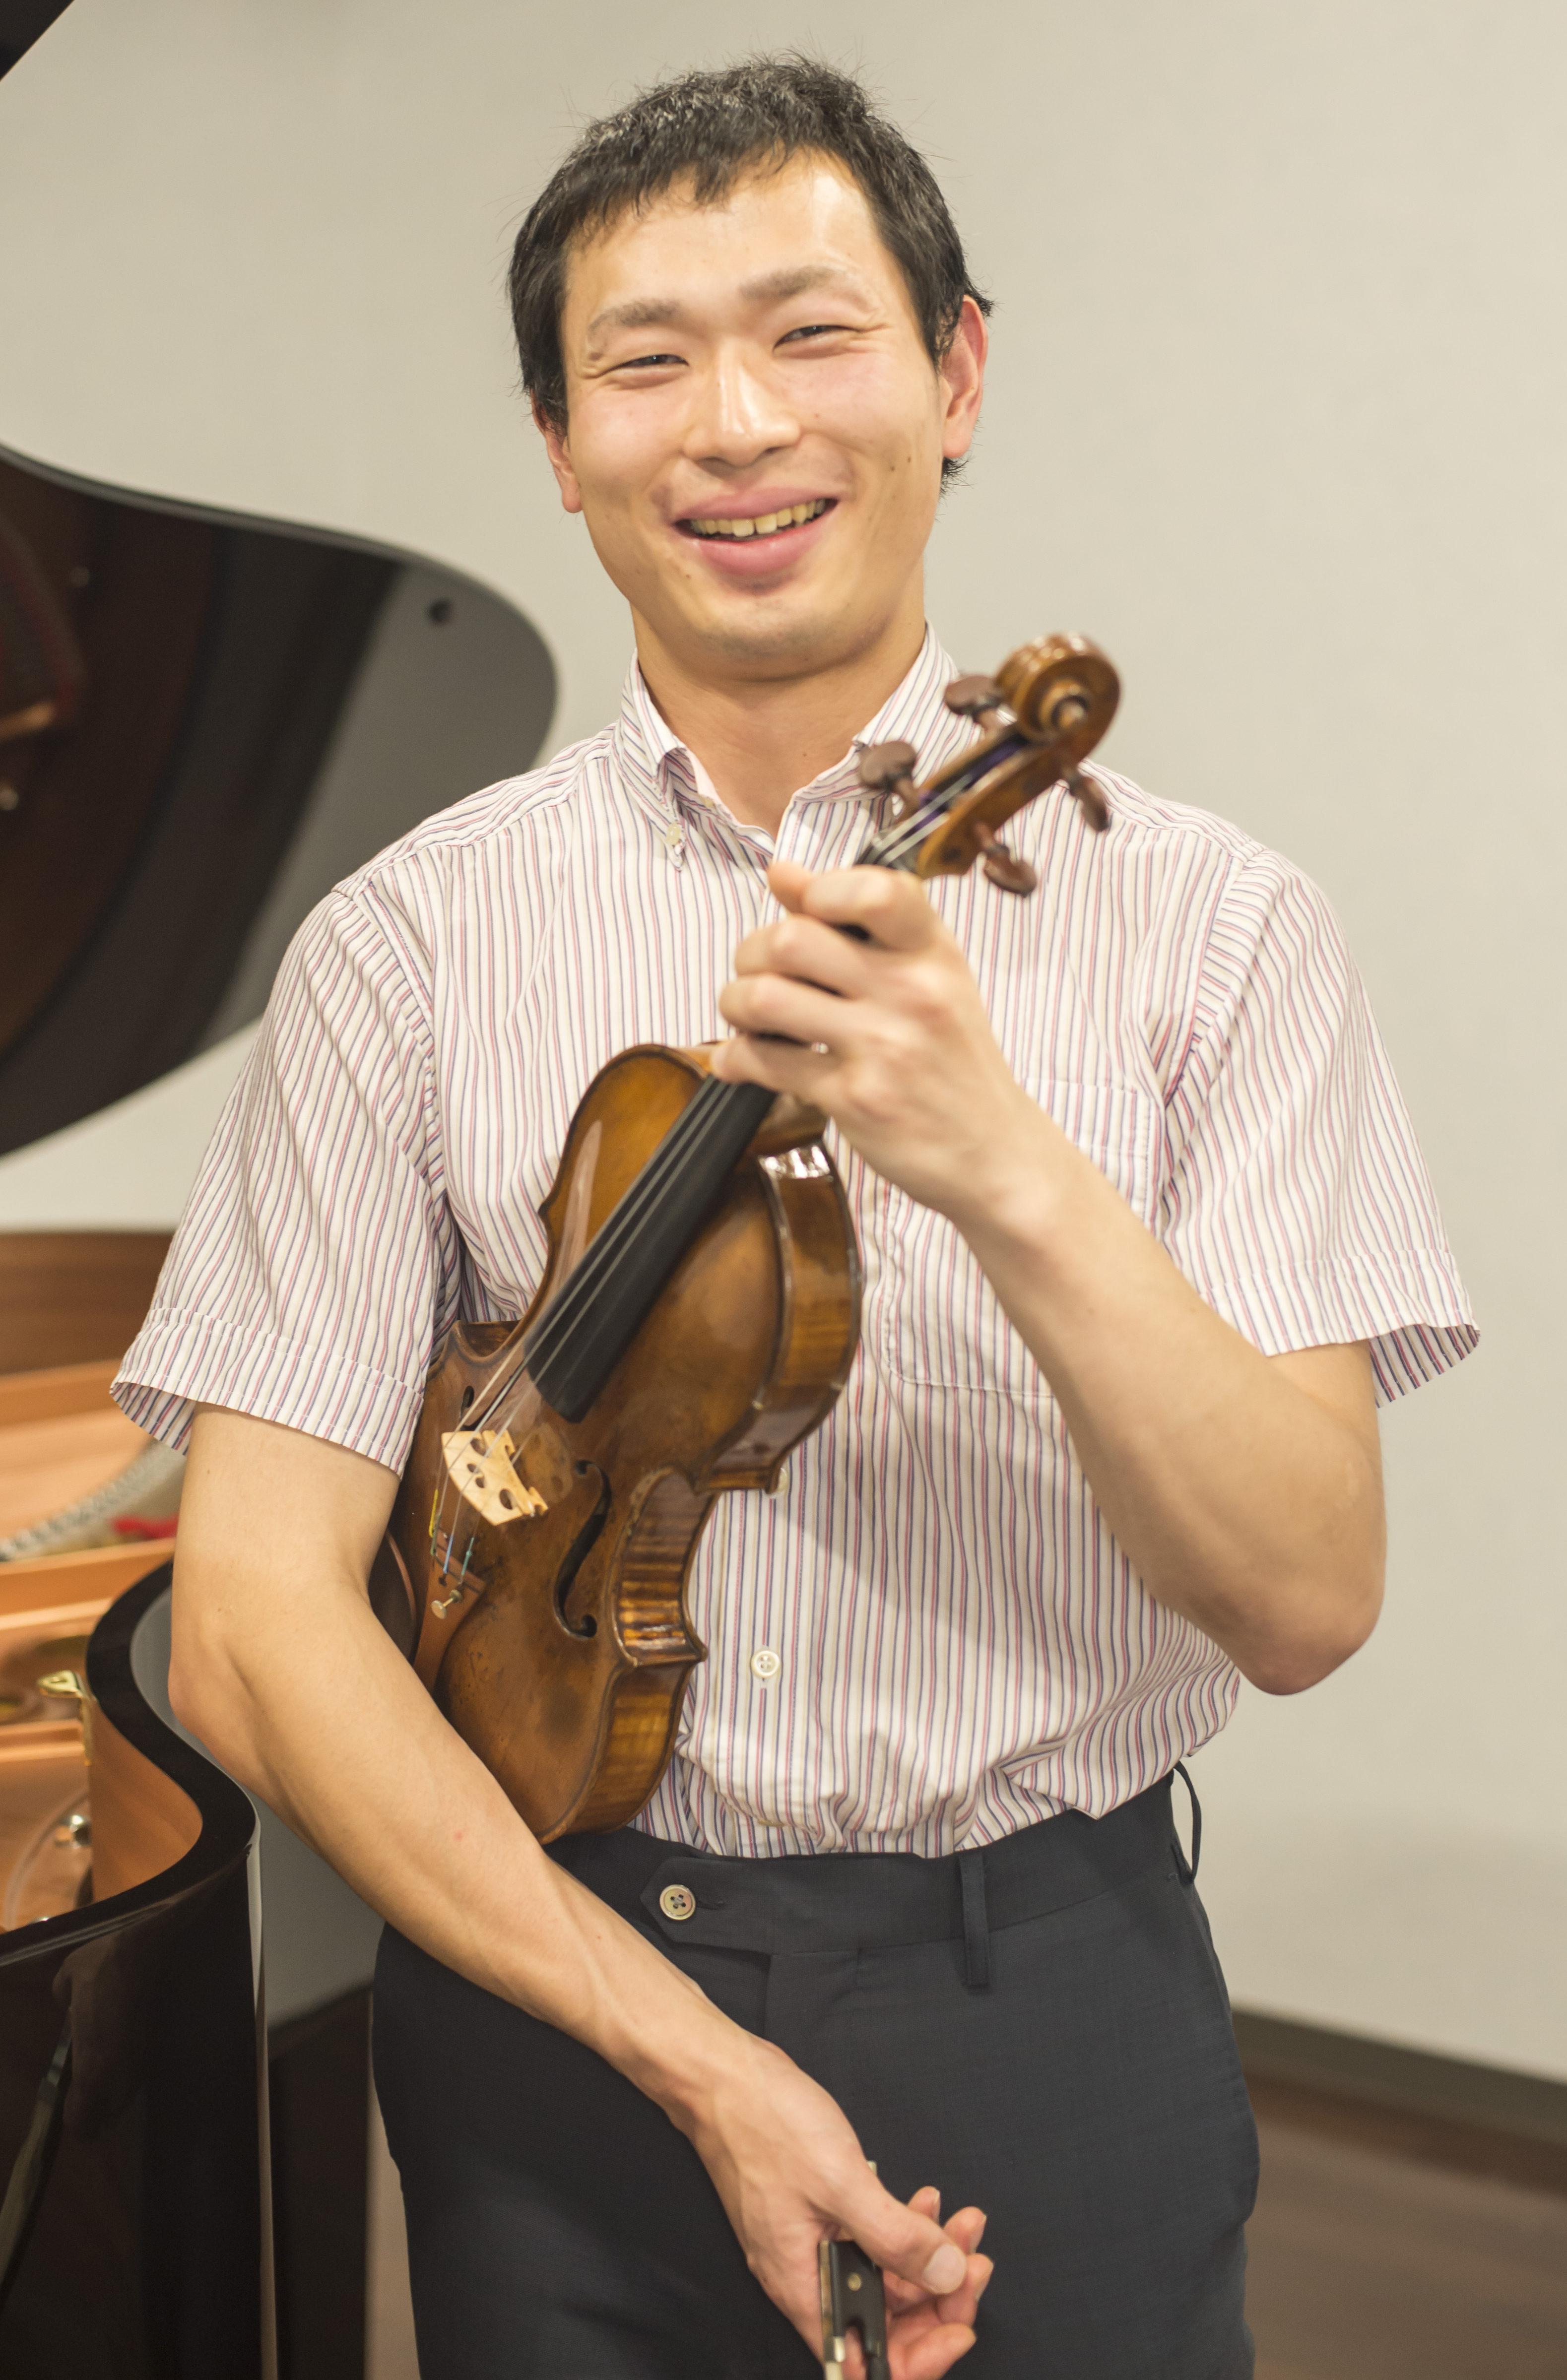 柳下 克久 先生の写真